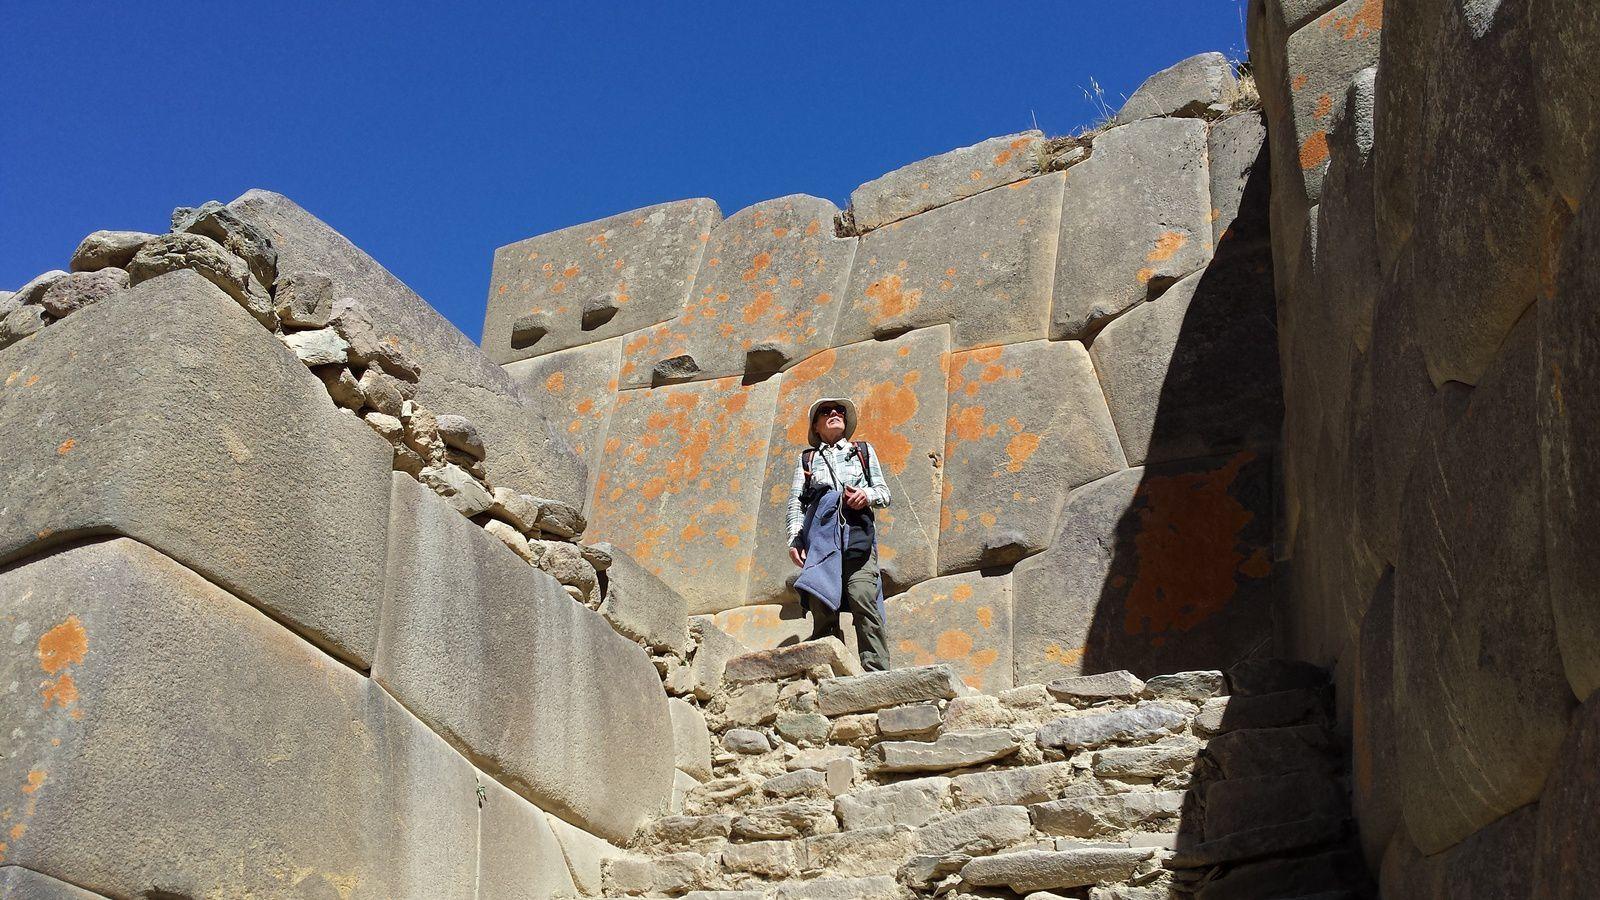 Des pierres parfaitement ajustées de 80 tonnes !